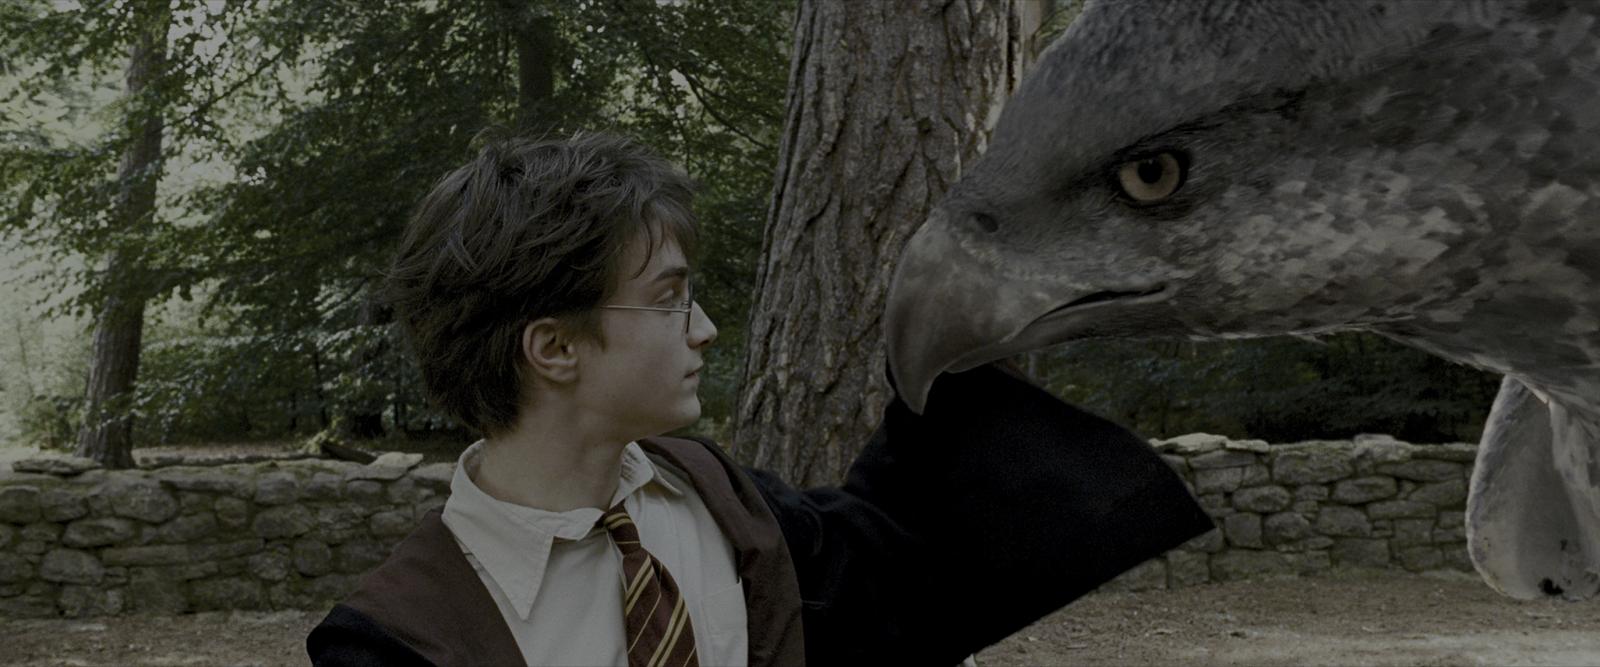 Harry Potter y el Prisionero de Azkaban (2004) 4K UHD [HDR] Latino - Castellano - Ingles captura 2